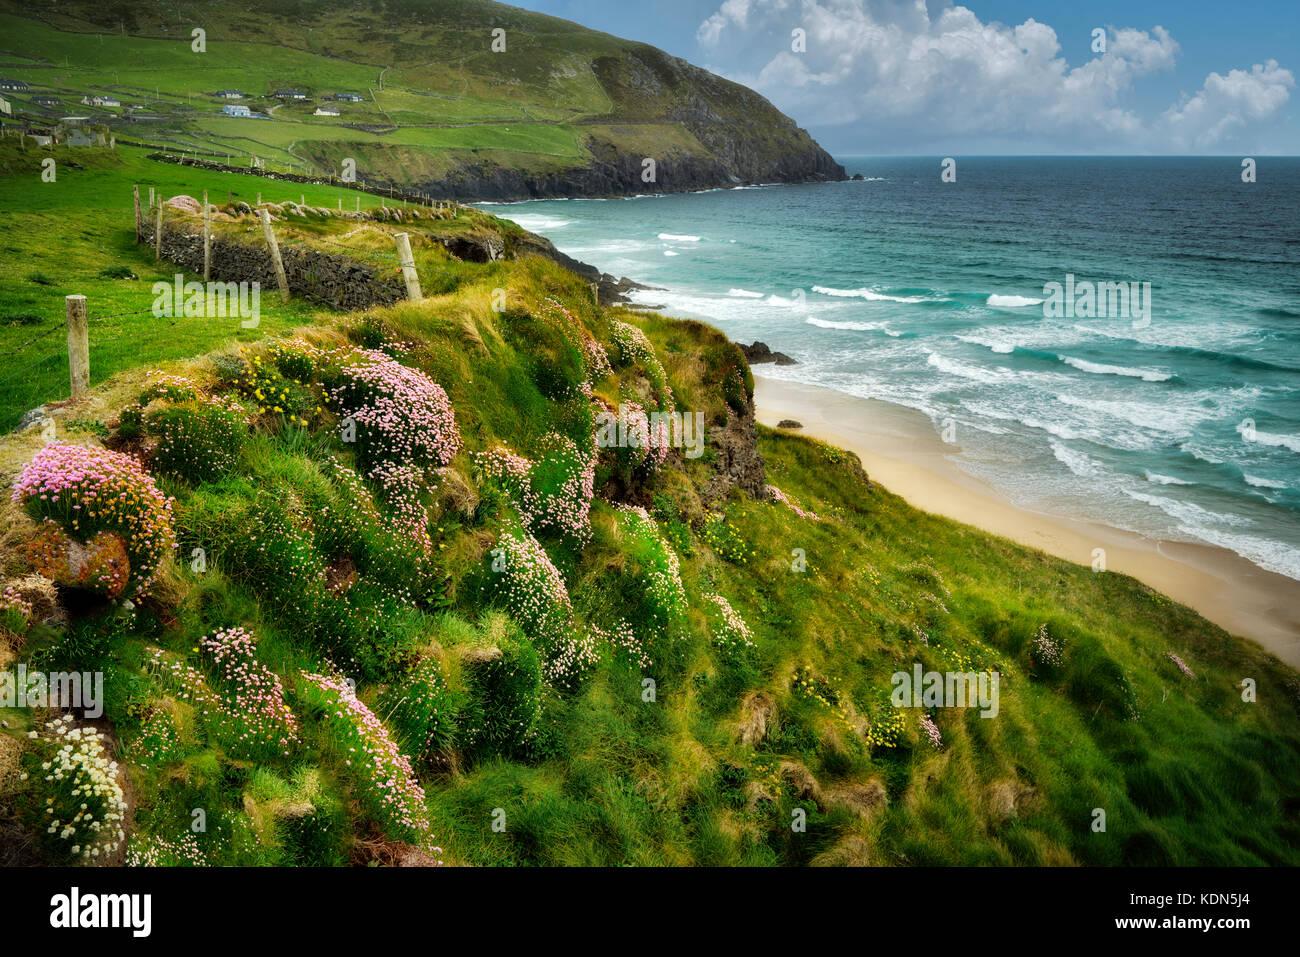 Sea thrift ou roses de la mer ou la mer en fleurs de la côte d'ivoire,sur slea head drive off. Le comté de Kerry, Irlande Banque D'Images